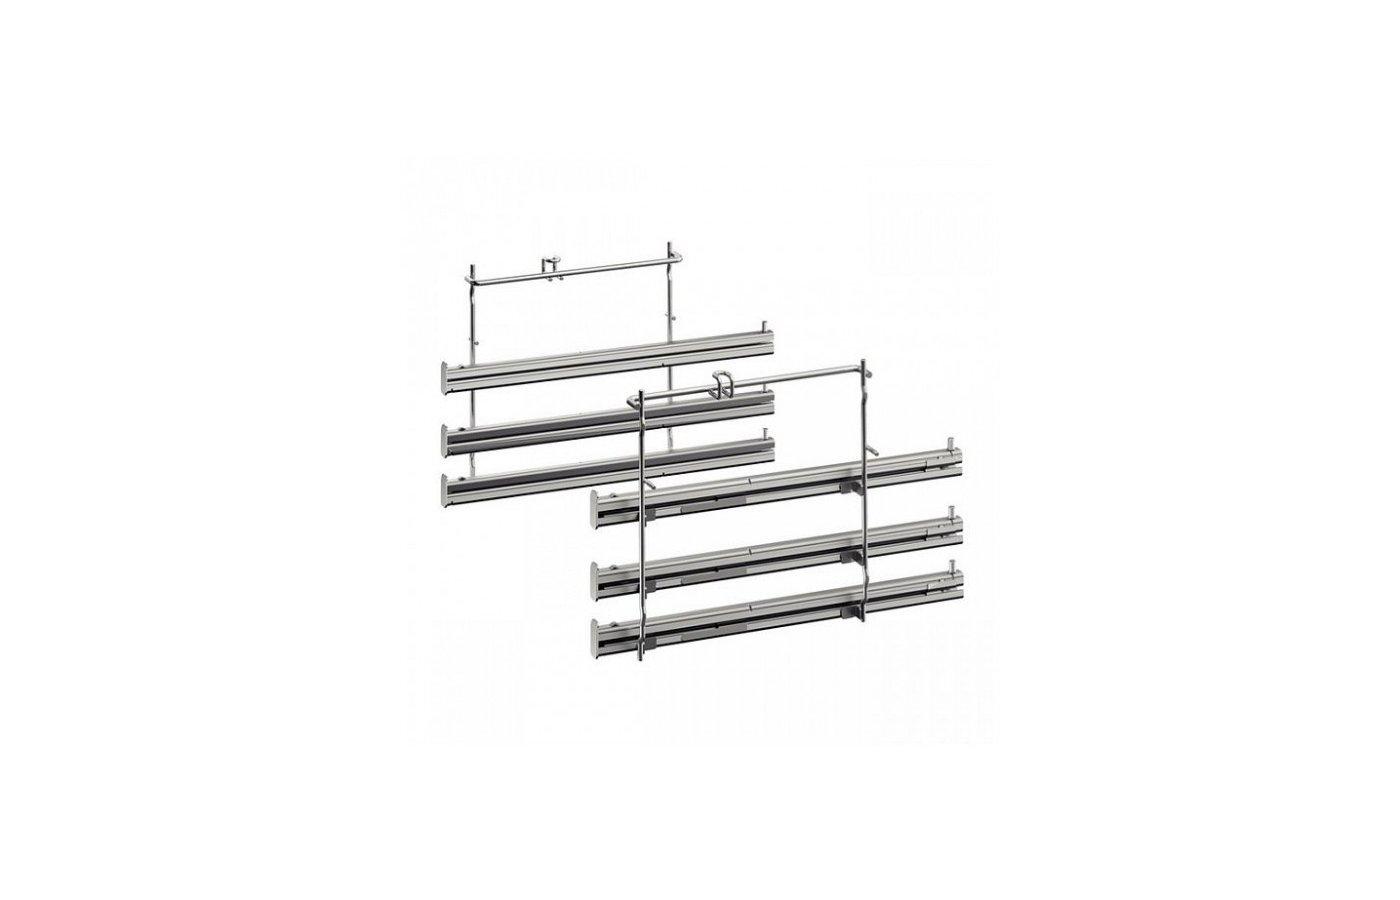 Аксессуары для встройки NEFF Z12TF36X0 Телескопические направляющие, 3 уровня,